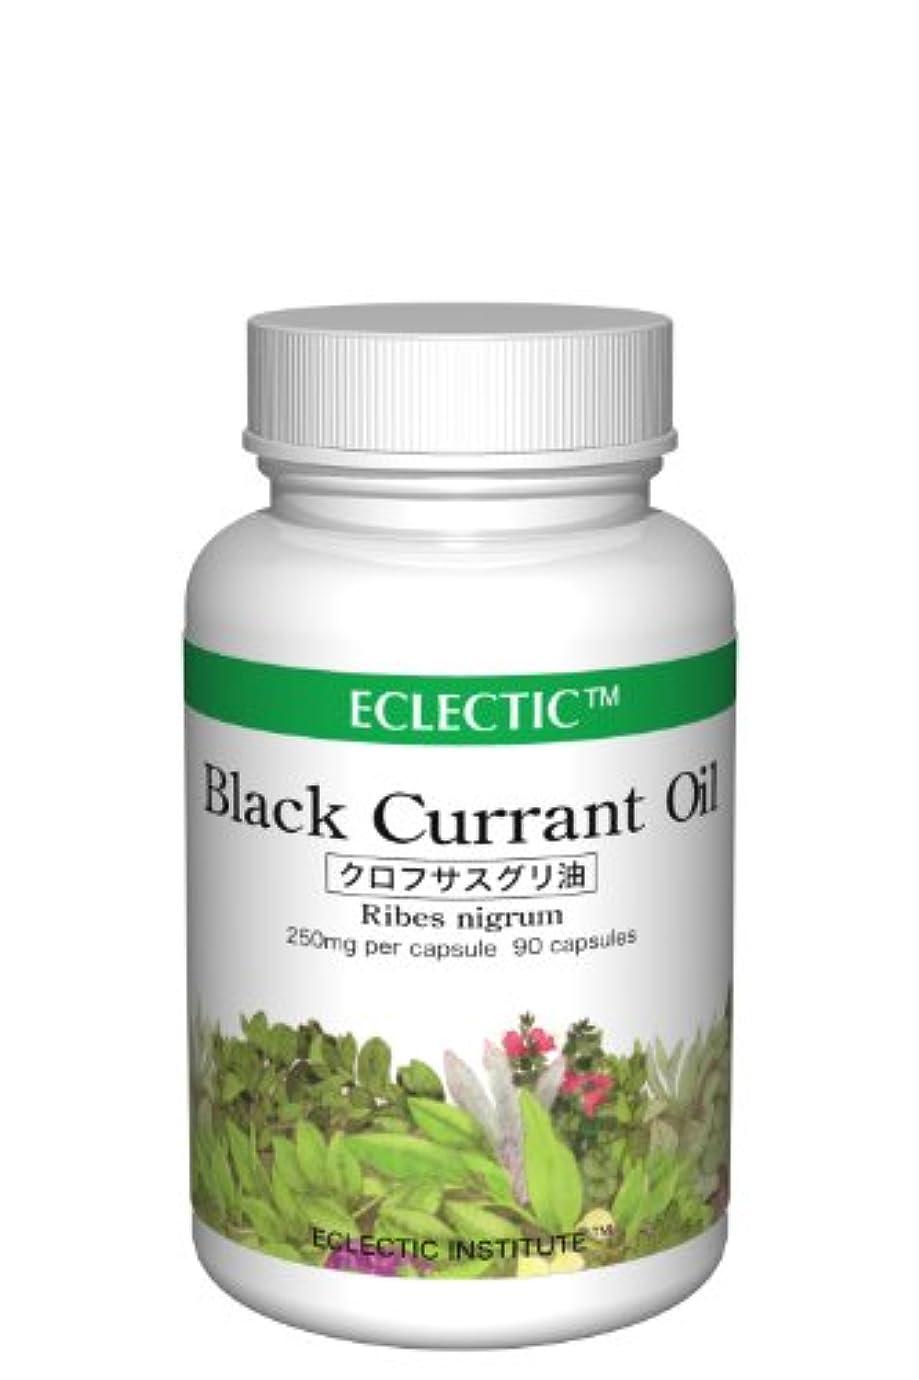 減らす使用法おしゃれなECLECTIC エクレクティック クロフサスグリ油 Black Currant Oil オイル 250mg 90カプセル 新パッケージ